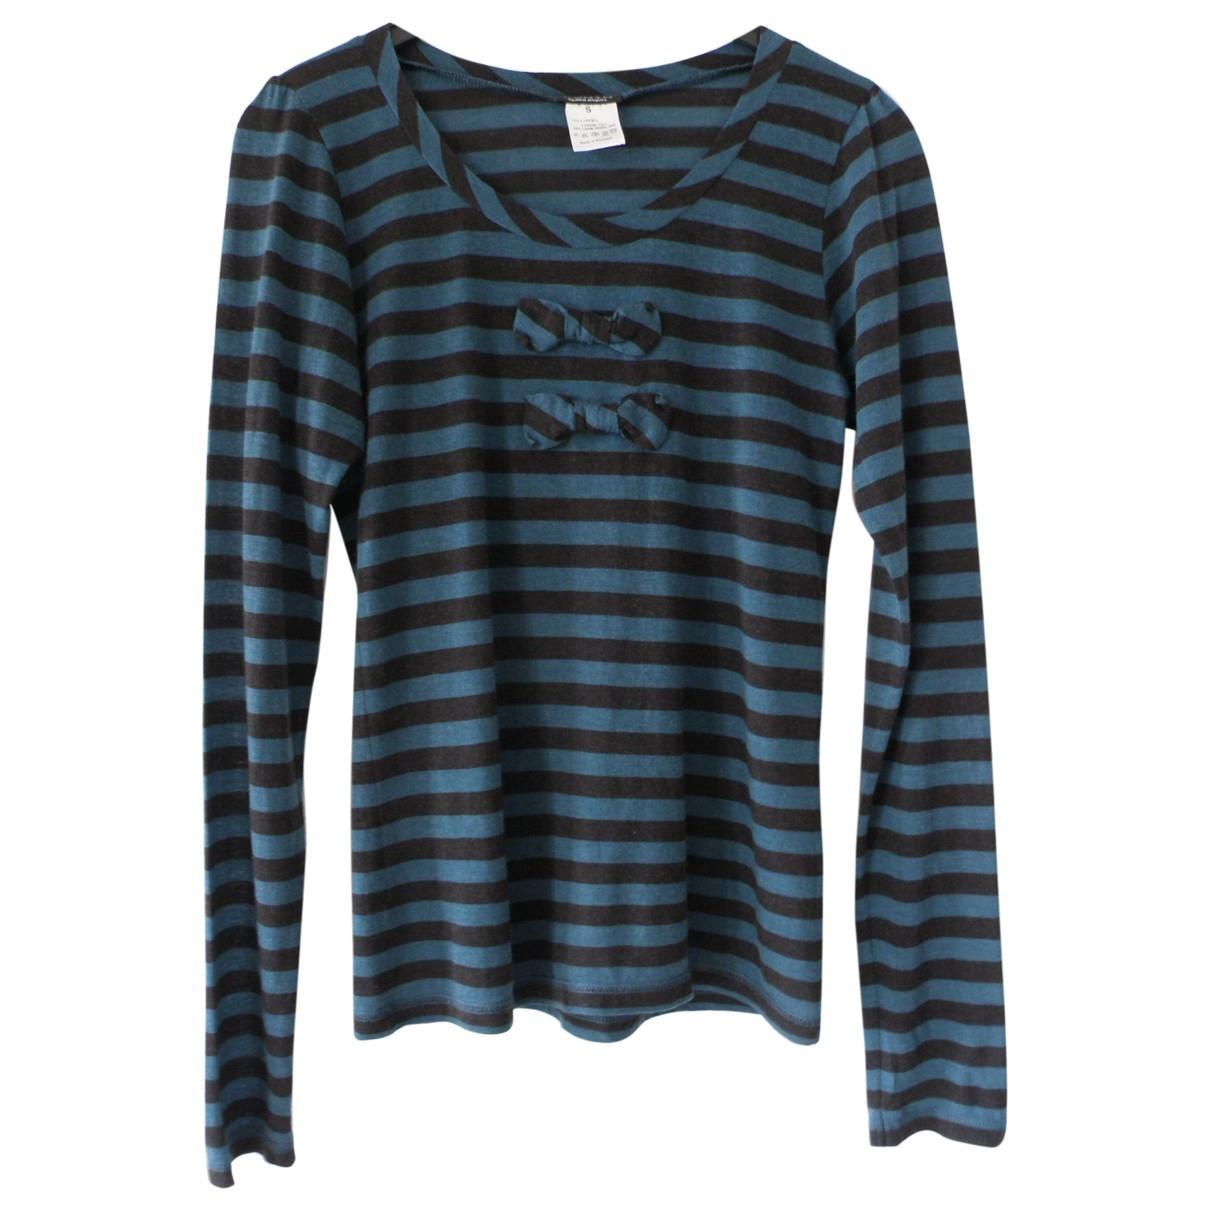 Sonia By Sonia Rykiel - Top   pour femme en laine - bleu